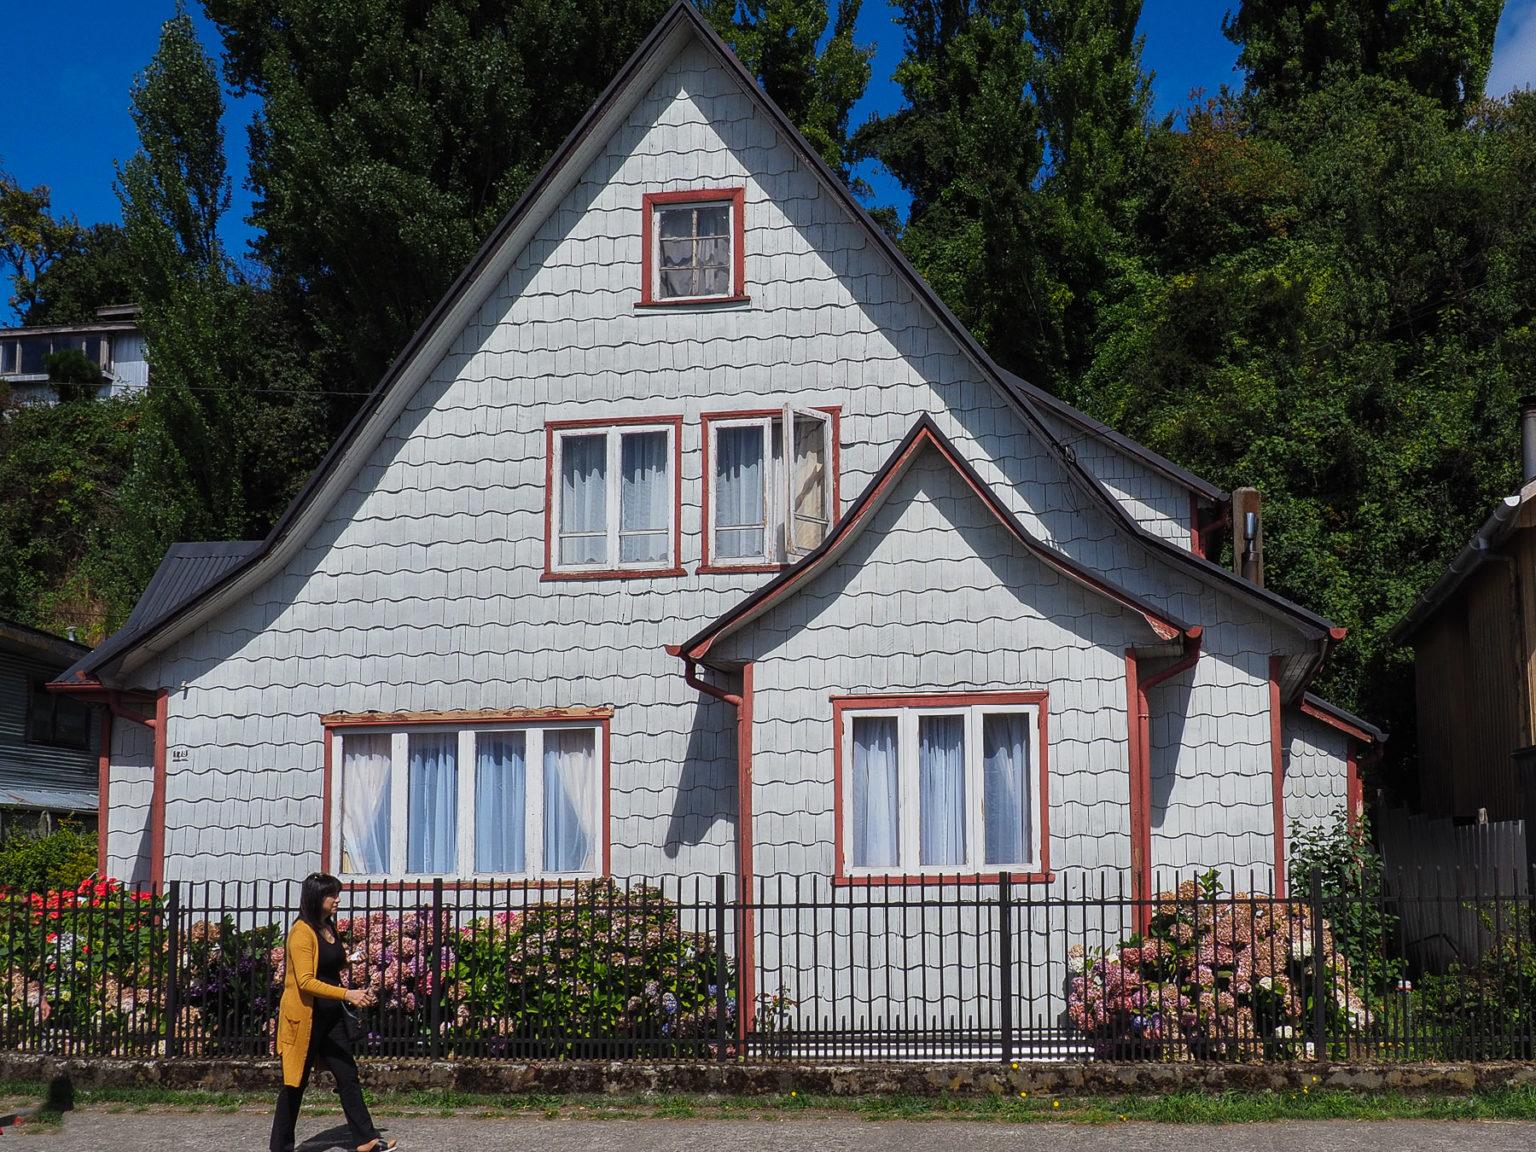 Gemütliche keine Holzhäuschen auf Chiloe